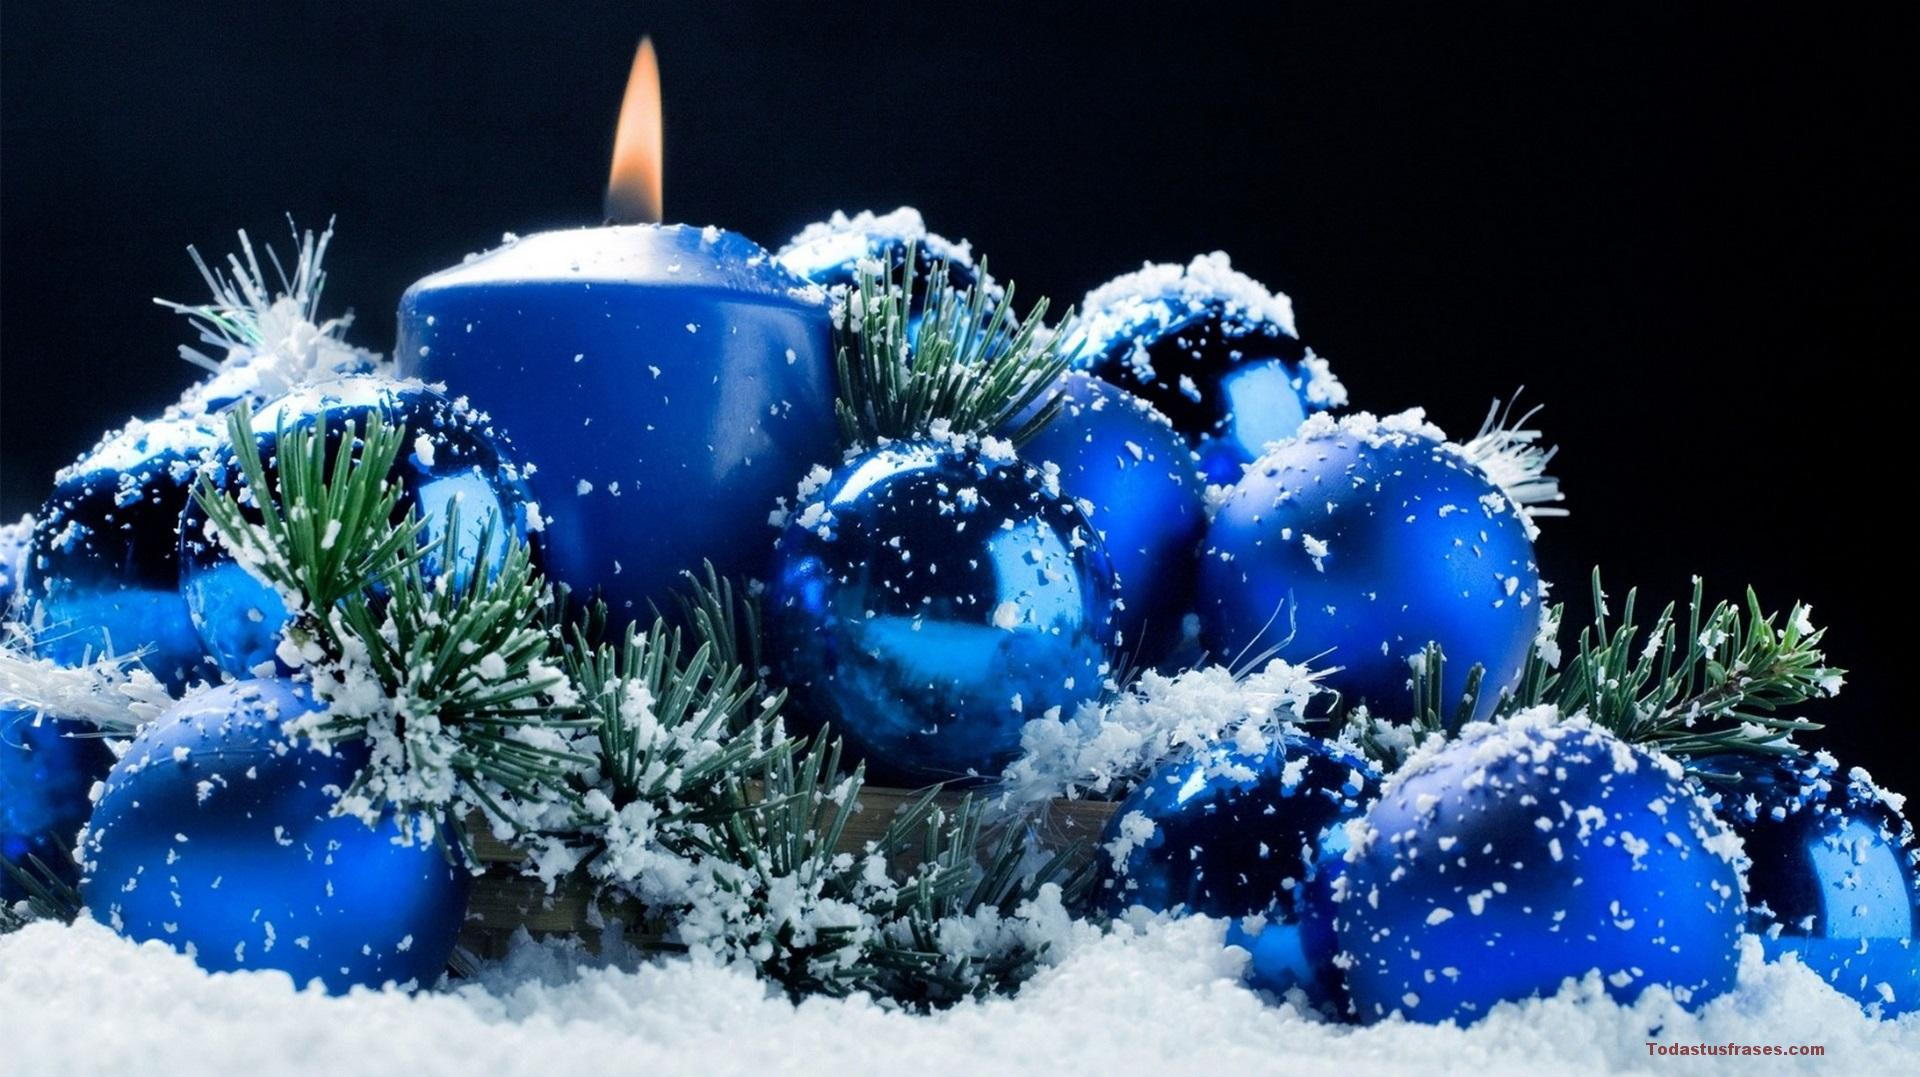 Fondos De Pantalla Navidenos: Fondos De Pantalla De Navidad